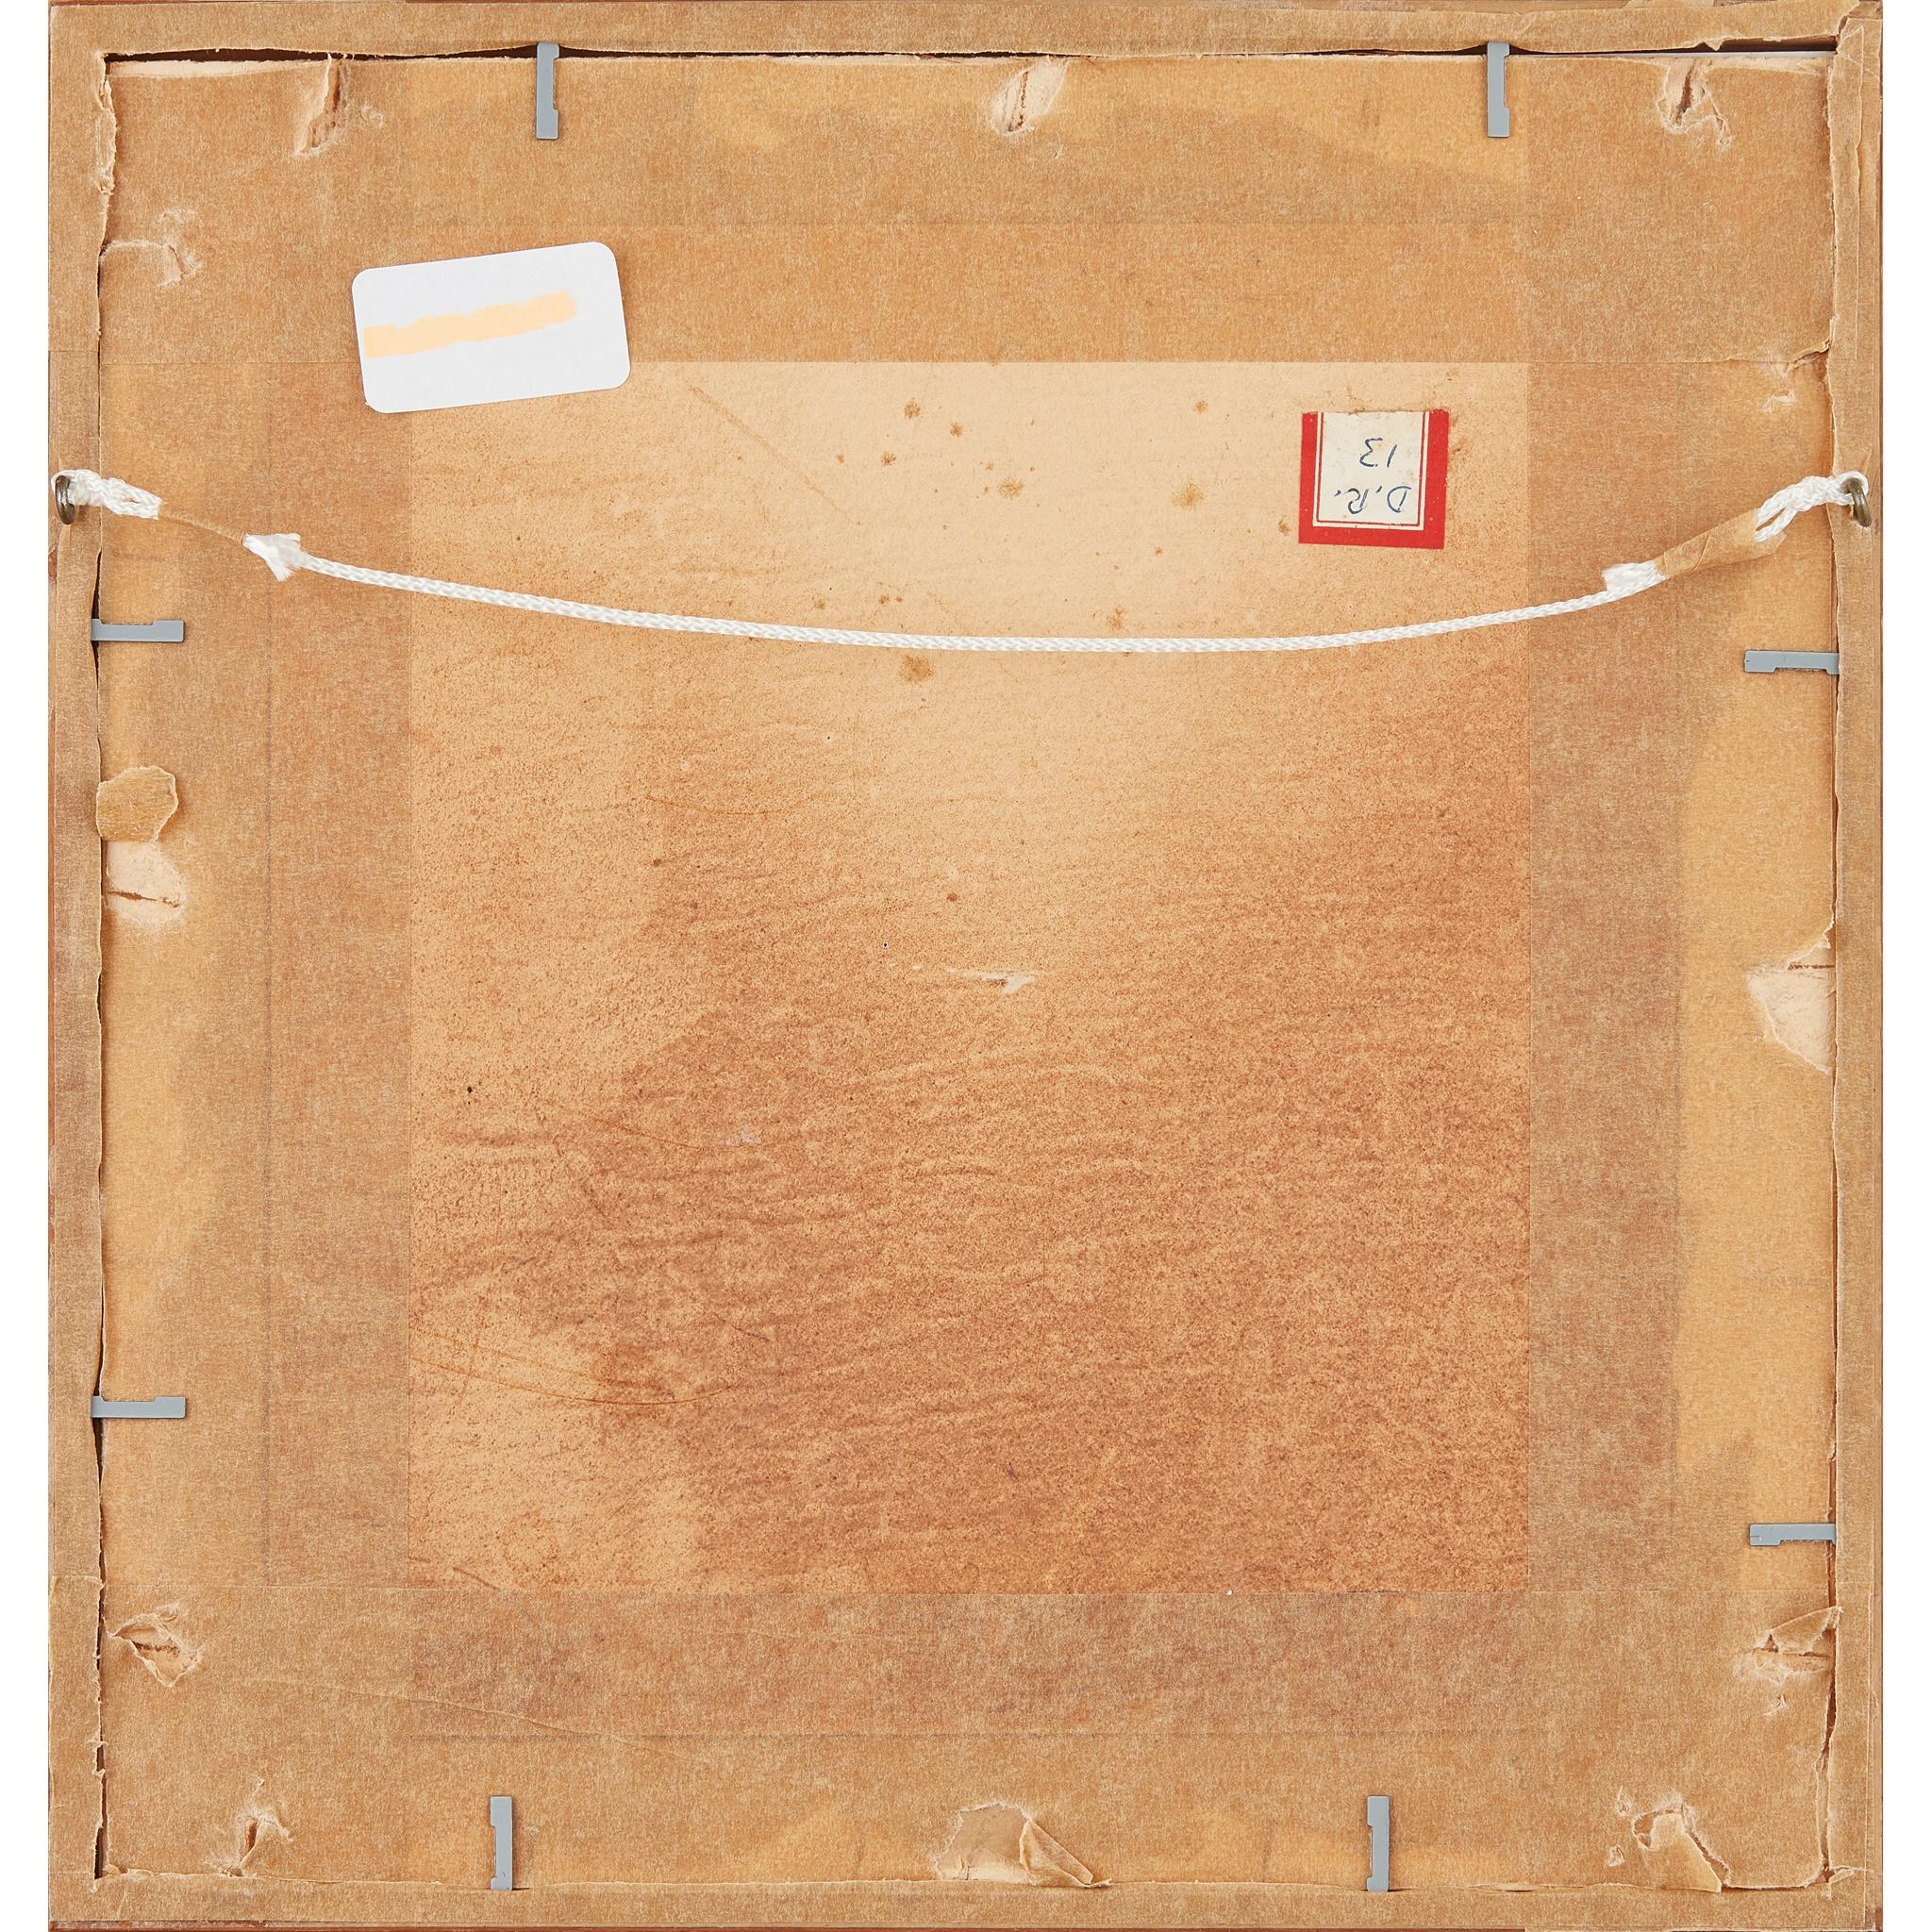 REMBRANDT VAN RIJN (DUTCH 1606-1669) JOSEPH TELLING HIS DREAMS - Image 3 of 3